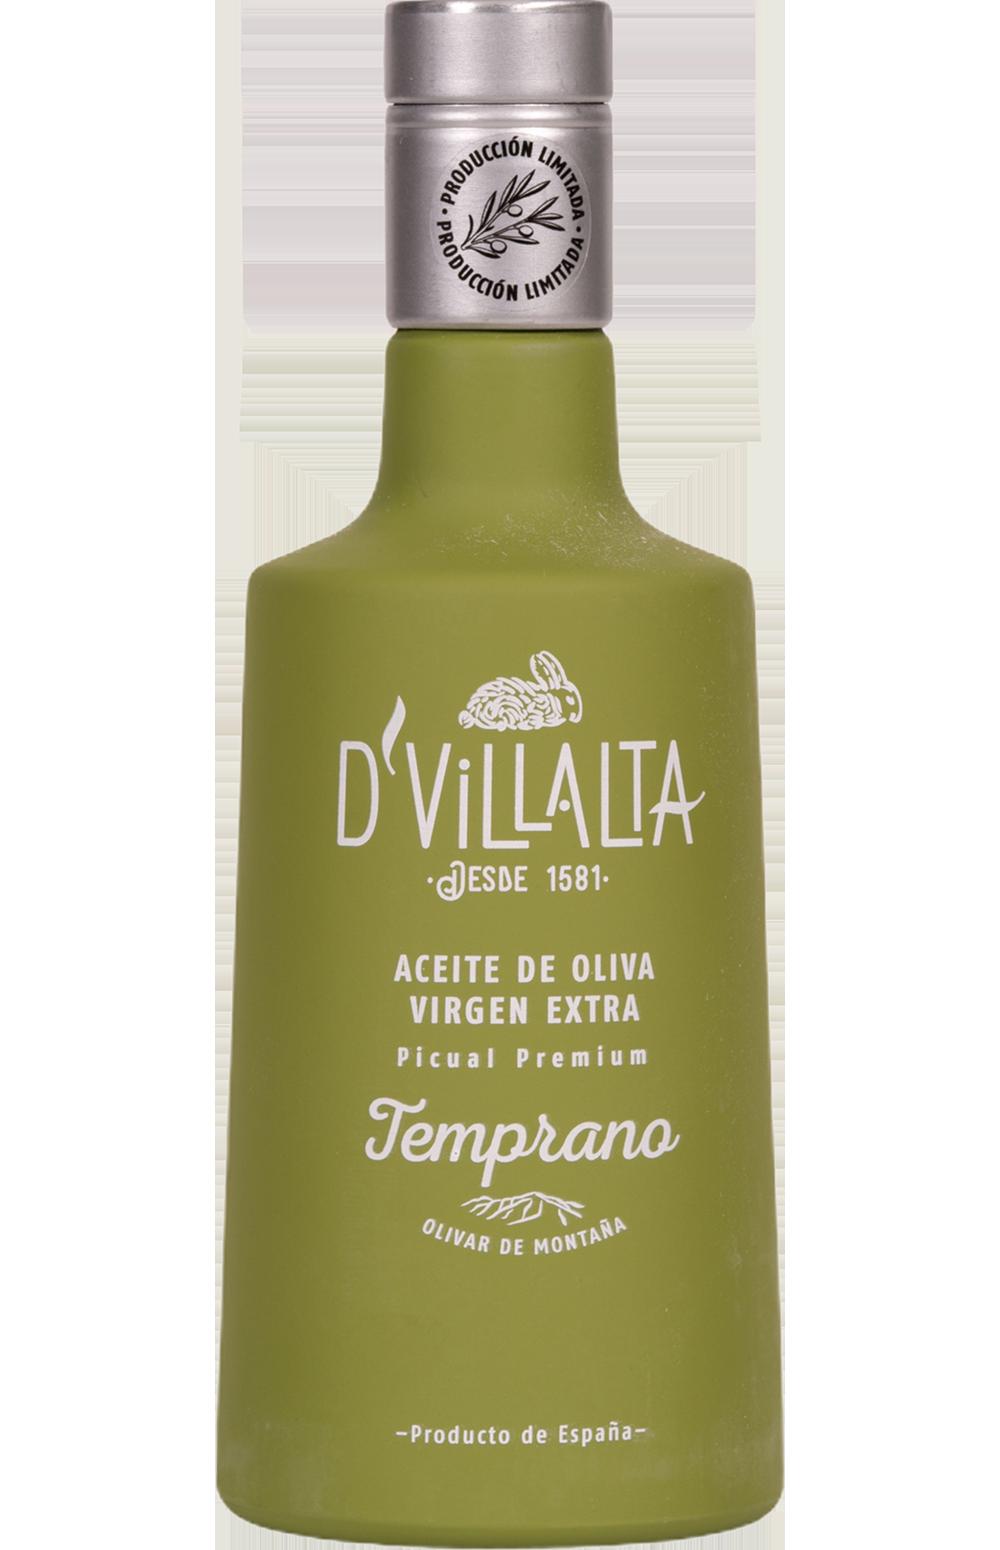 D' Villalta